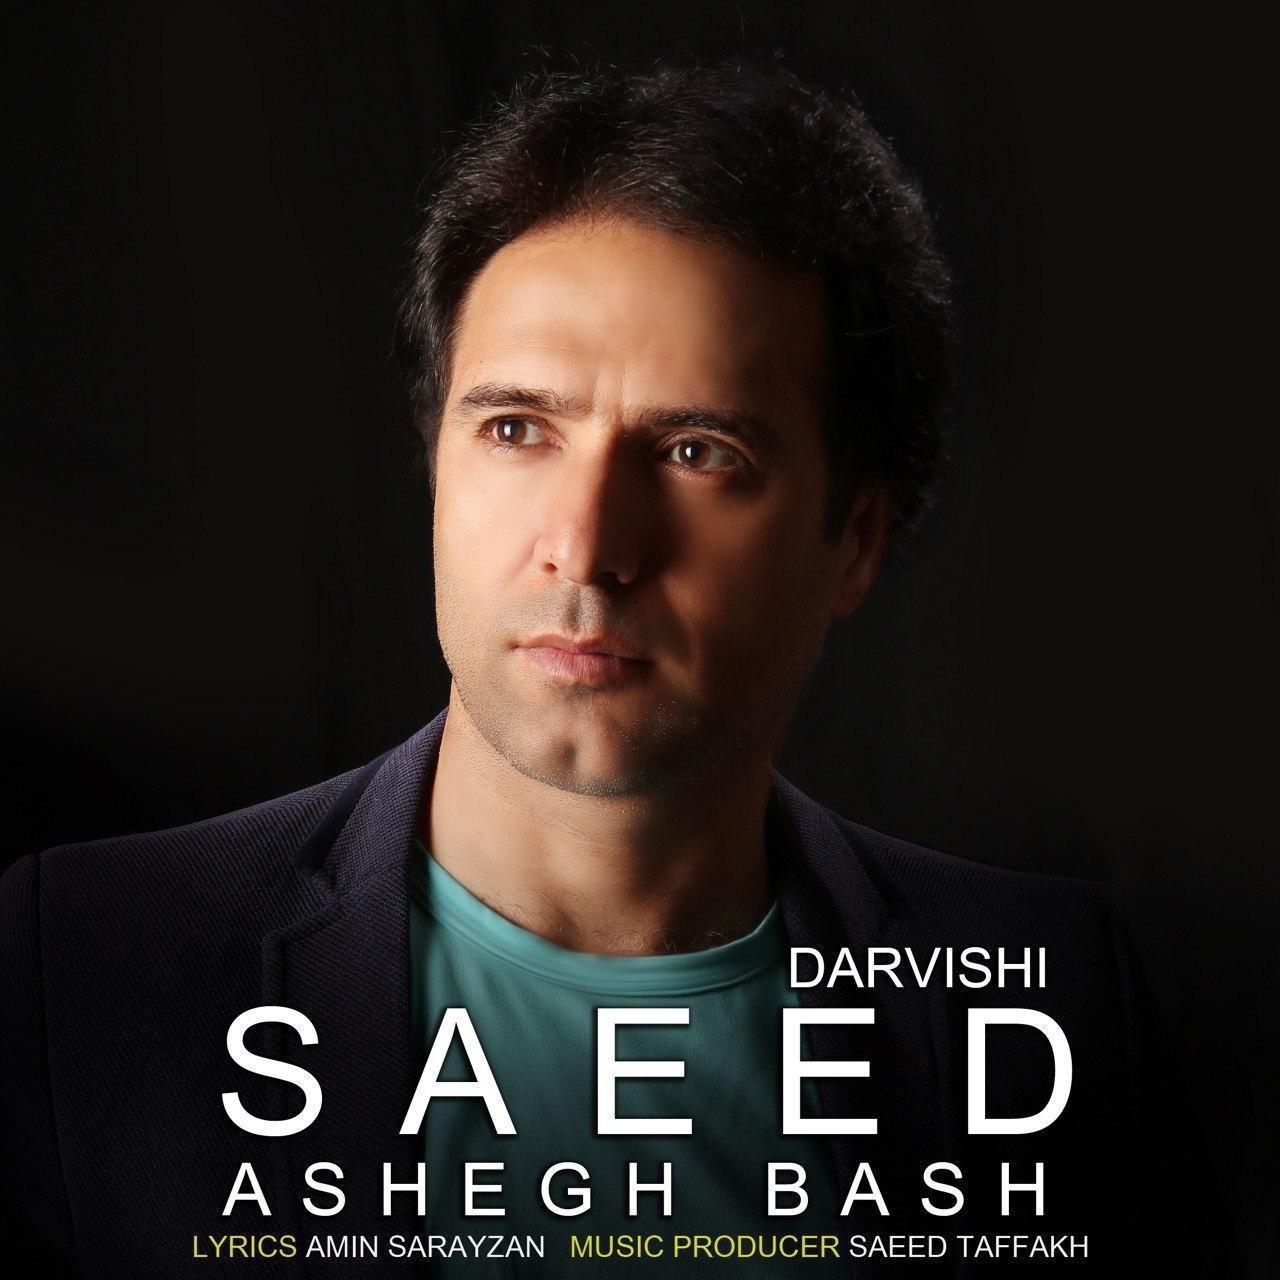 Saeed Darvishi – Ashegh Bash